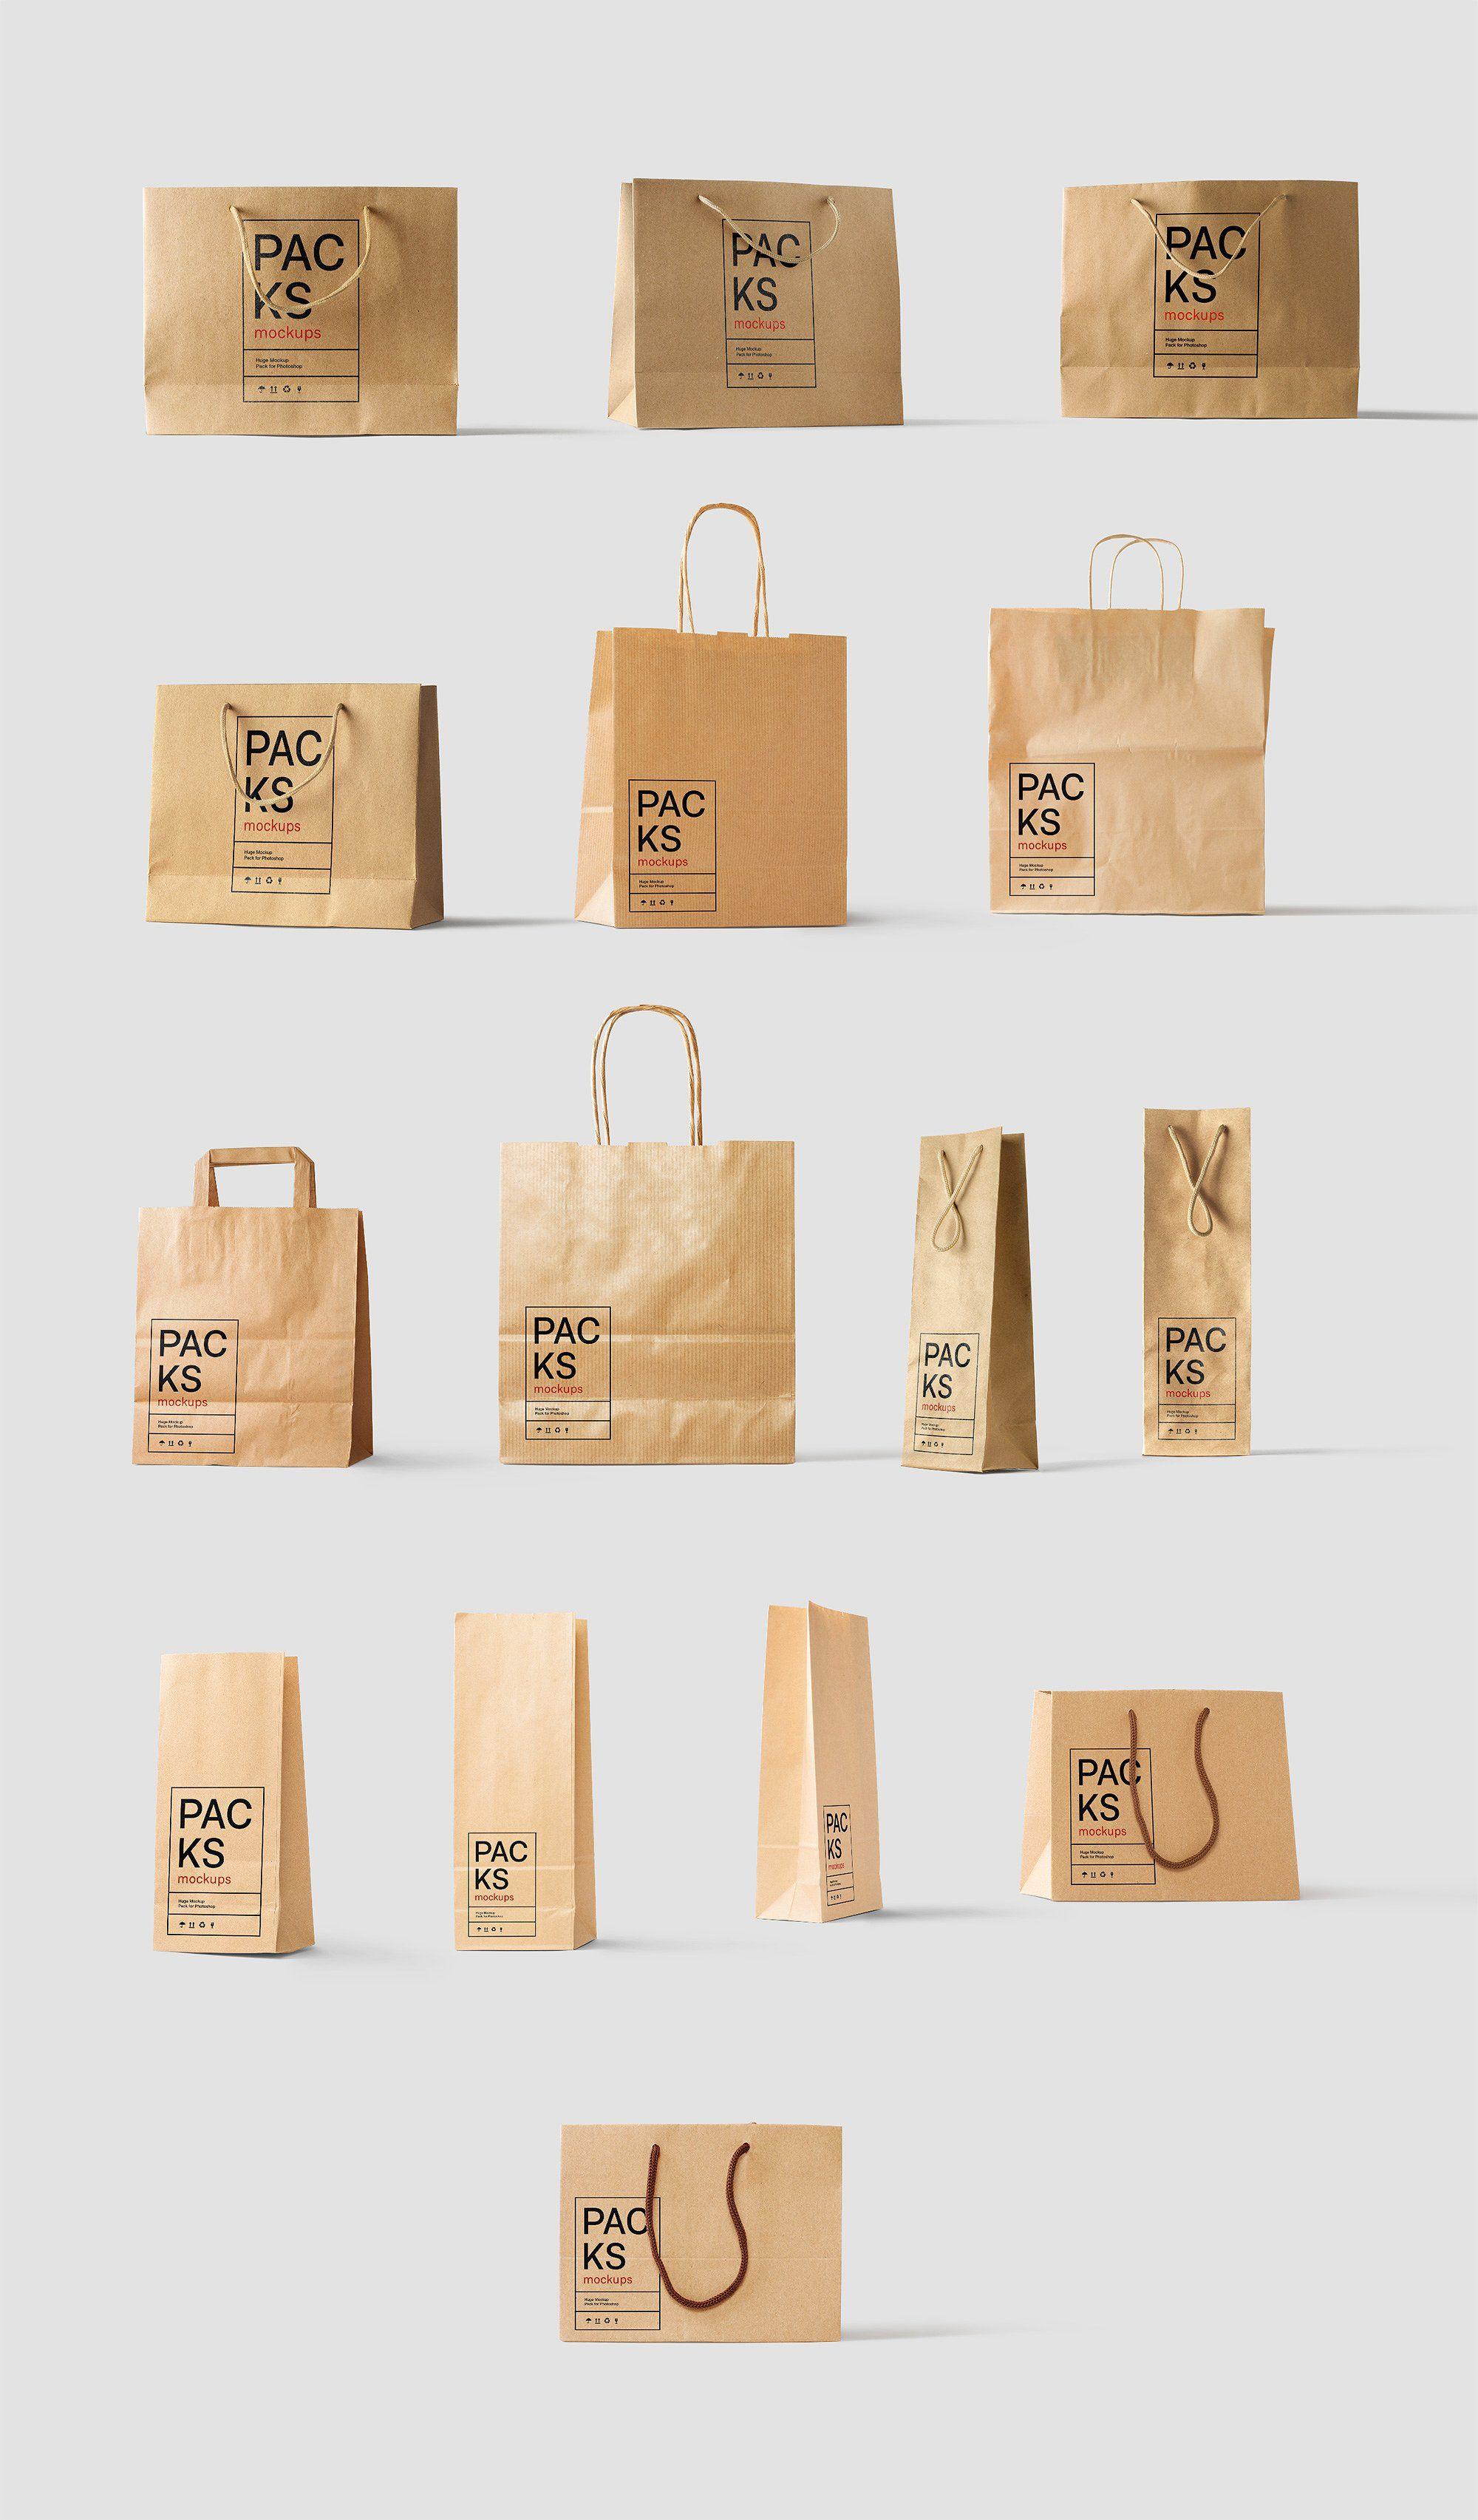 Download Packs Mockup Bundle Bpk Quality High Images Techniques Paper Bag Design Bag Mockup Food Packaging Design